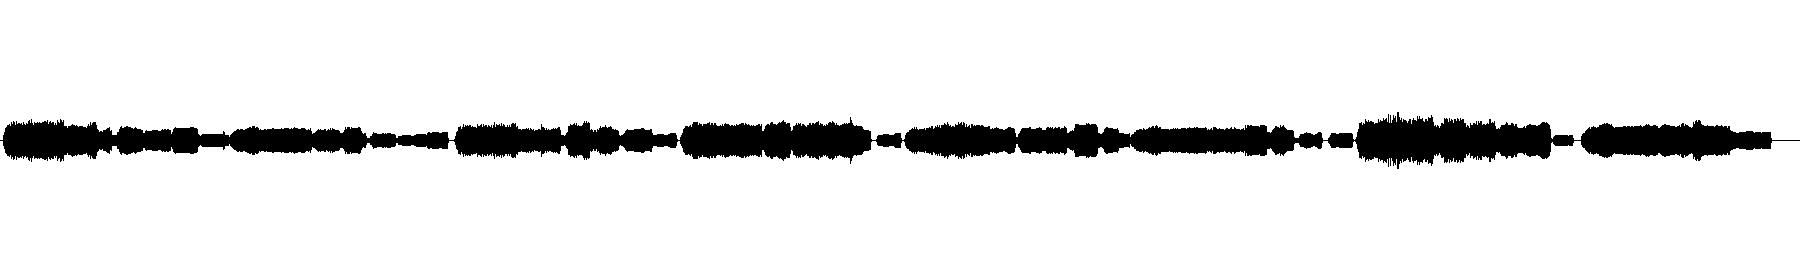 cmin gmin86bpm flutes